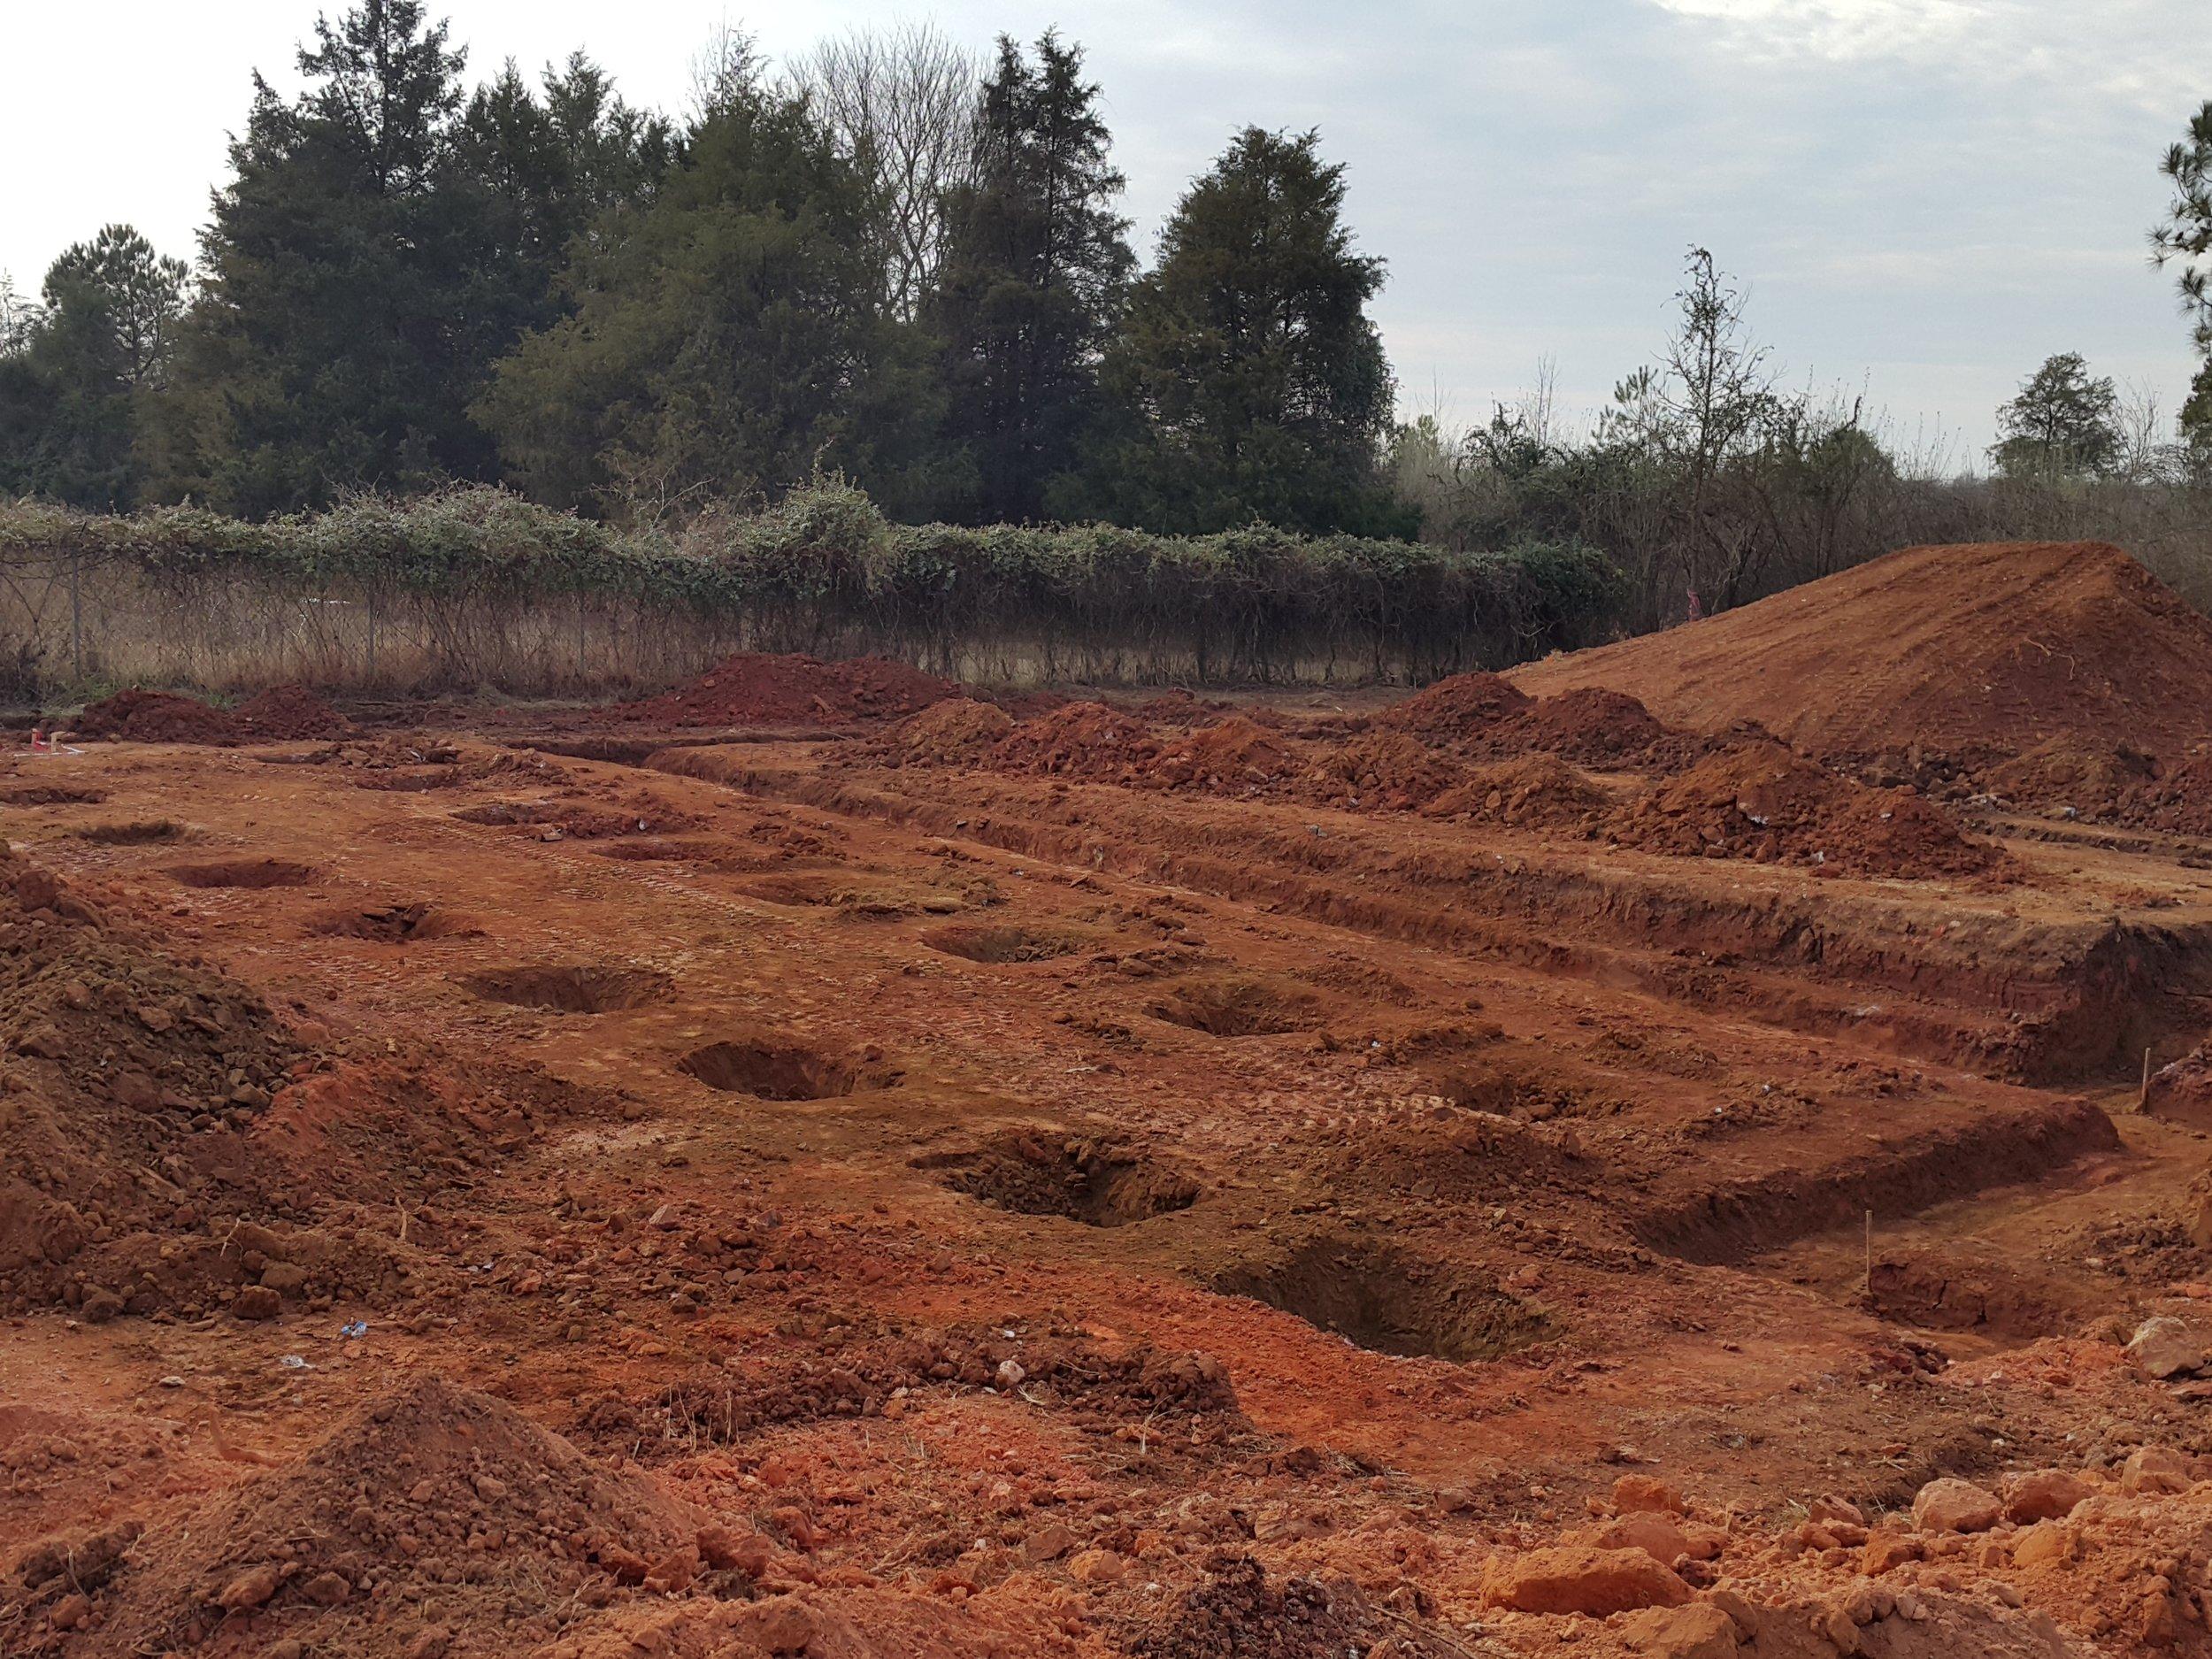 Some crazy archeological dig site